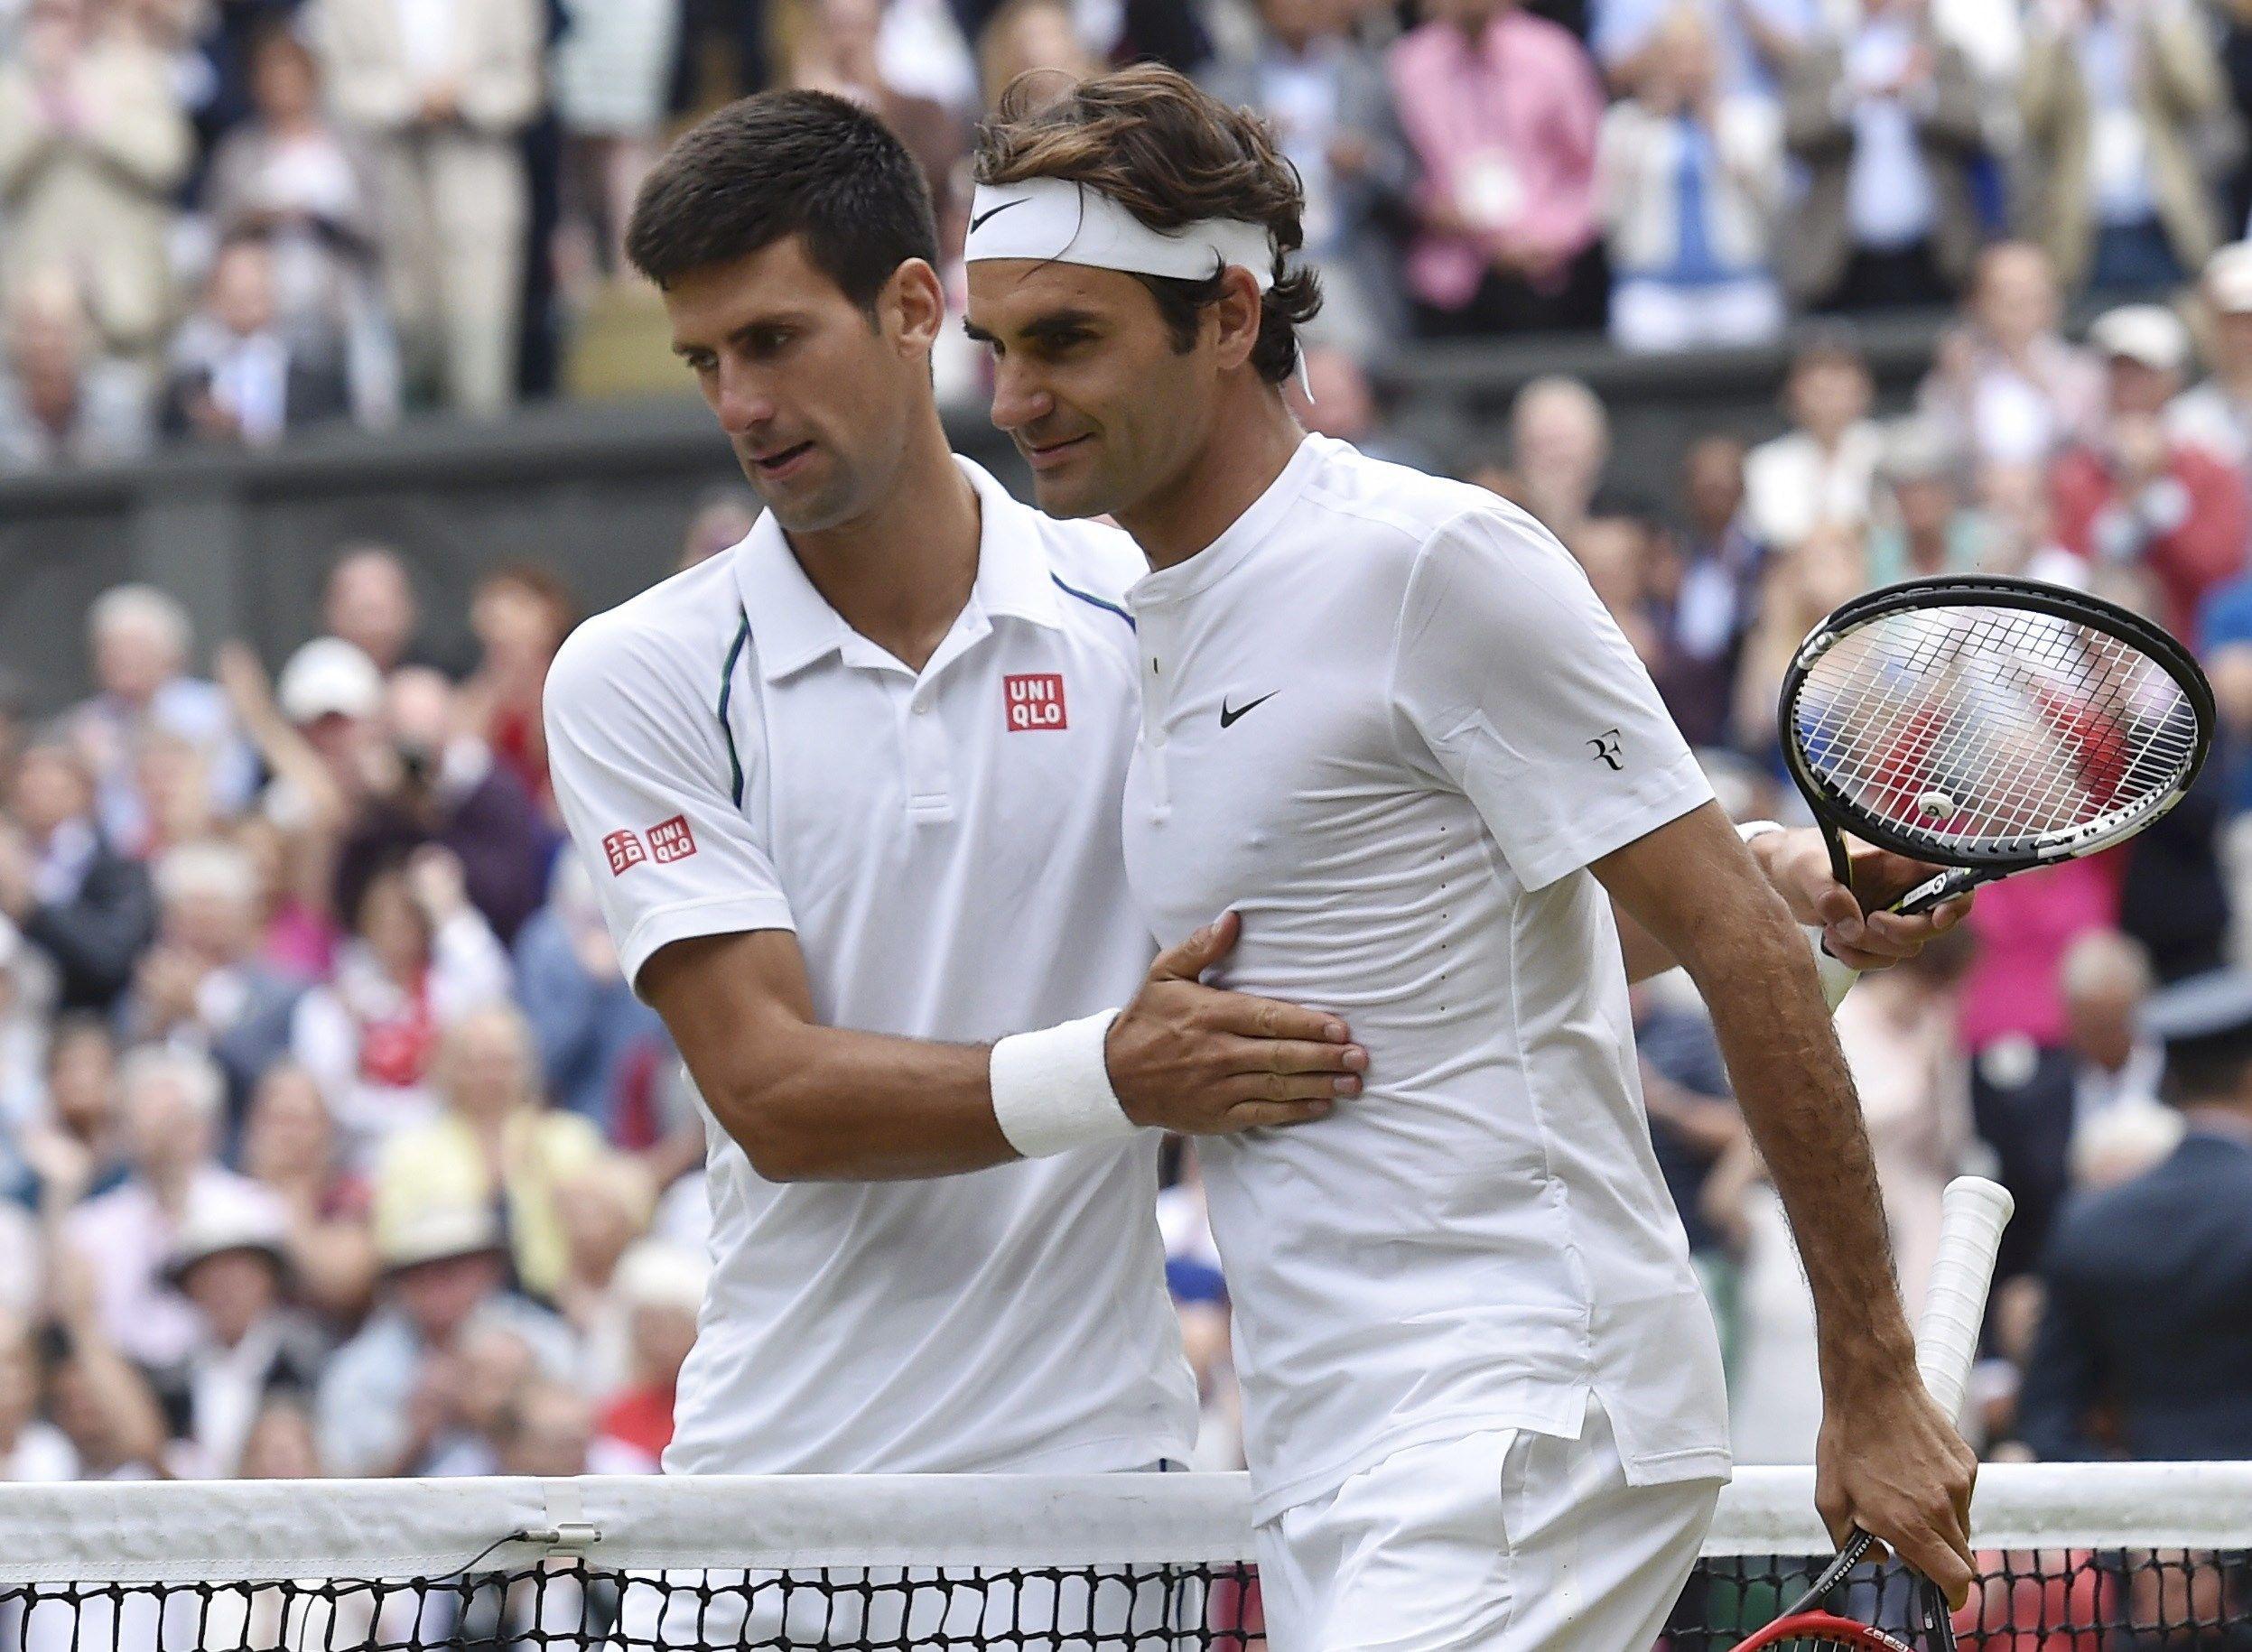 Gran año. Djokovic y Federer fueron los grandes animadores de la temporada. (Reuters)